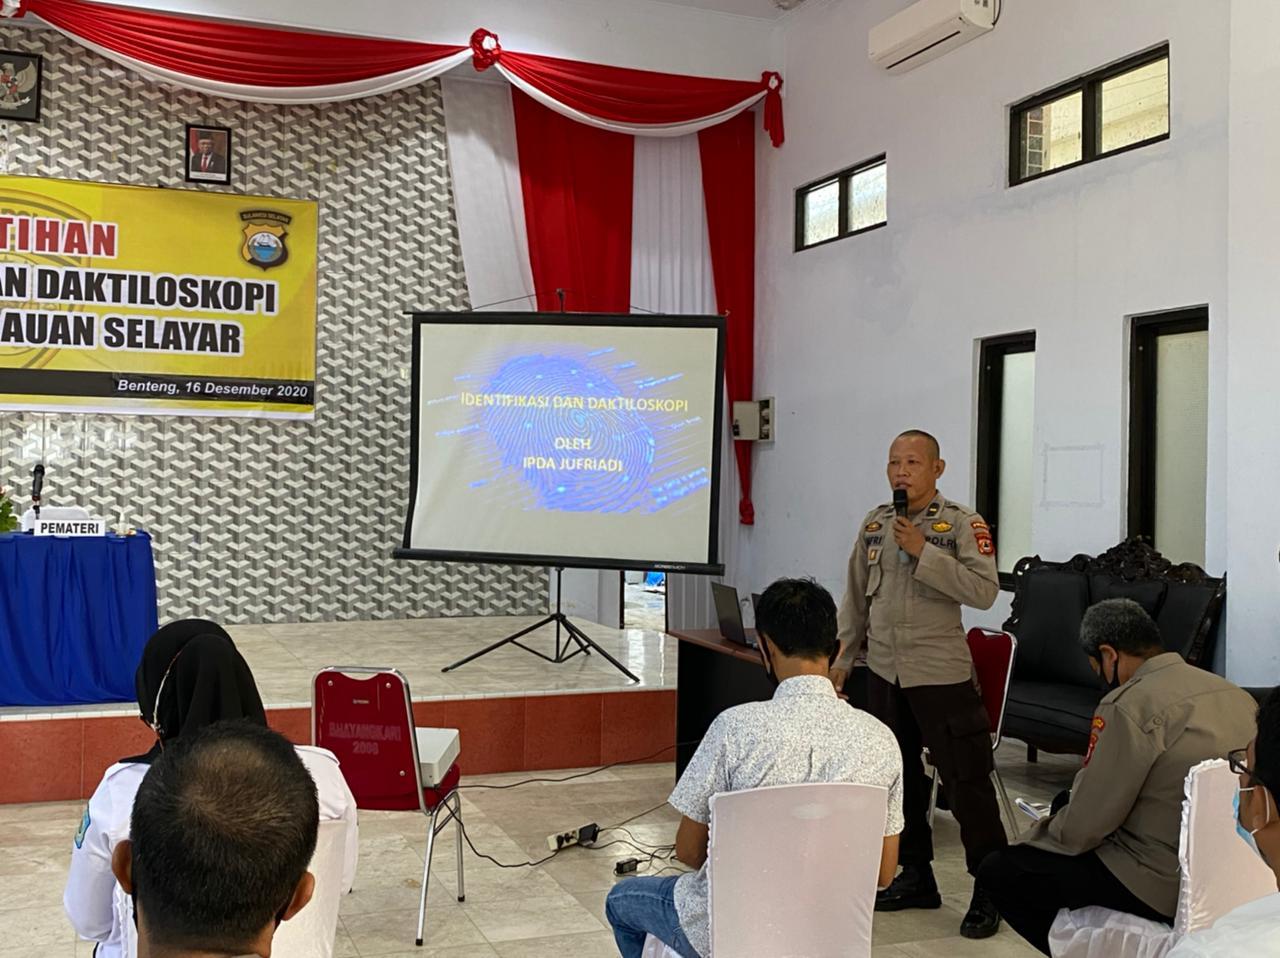 Polres Kepulauan Selayar Gelar Pelatihan Identifikasi dan Daktiloskopi Sidik Jari